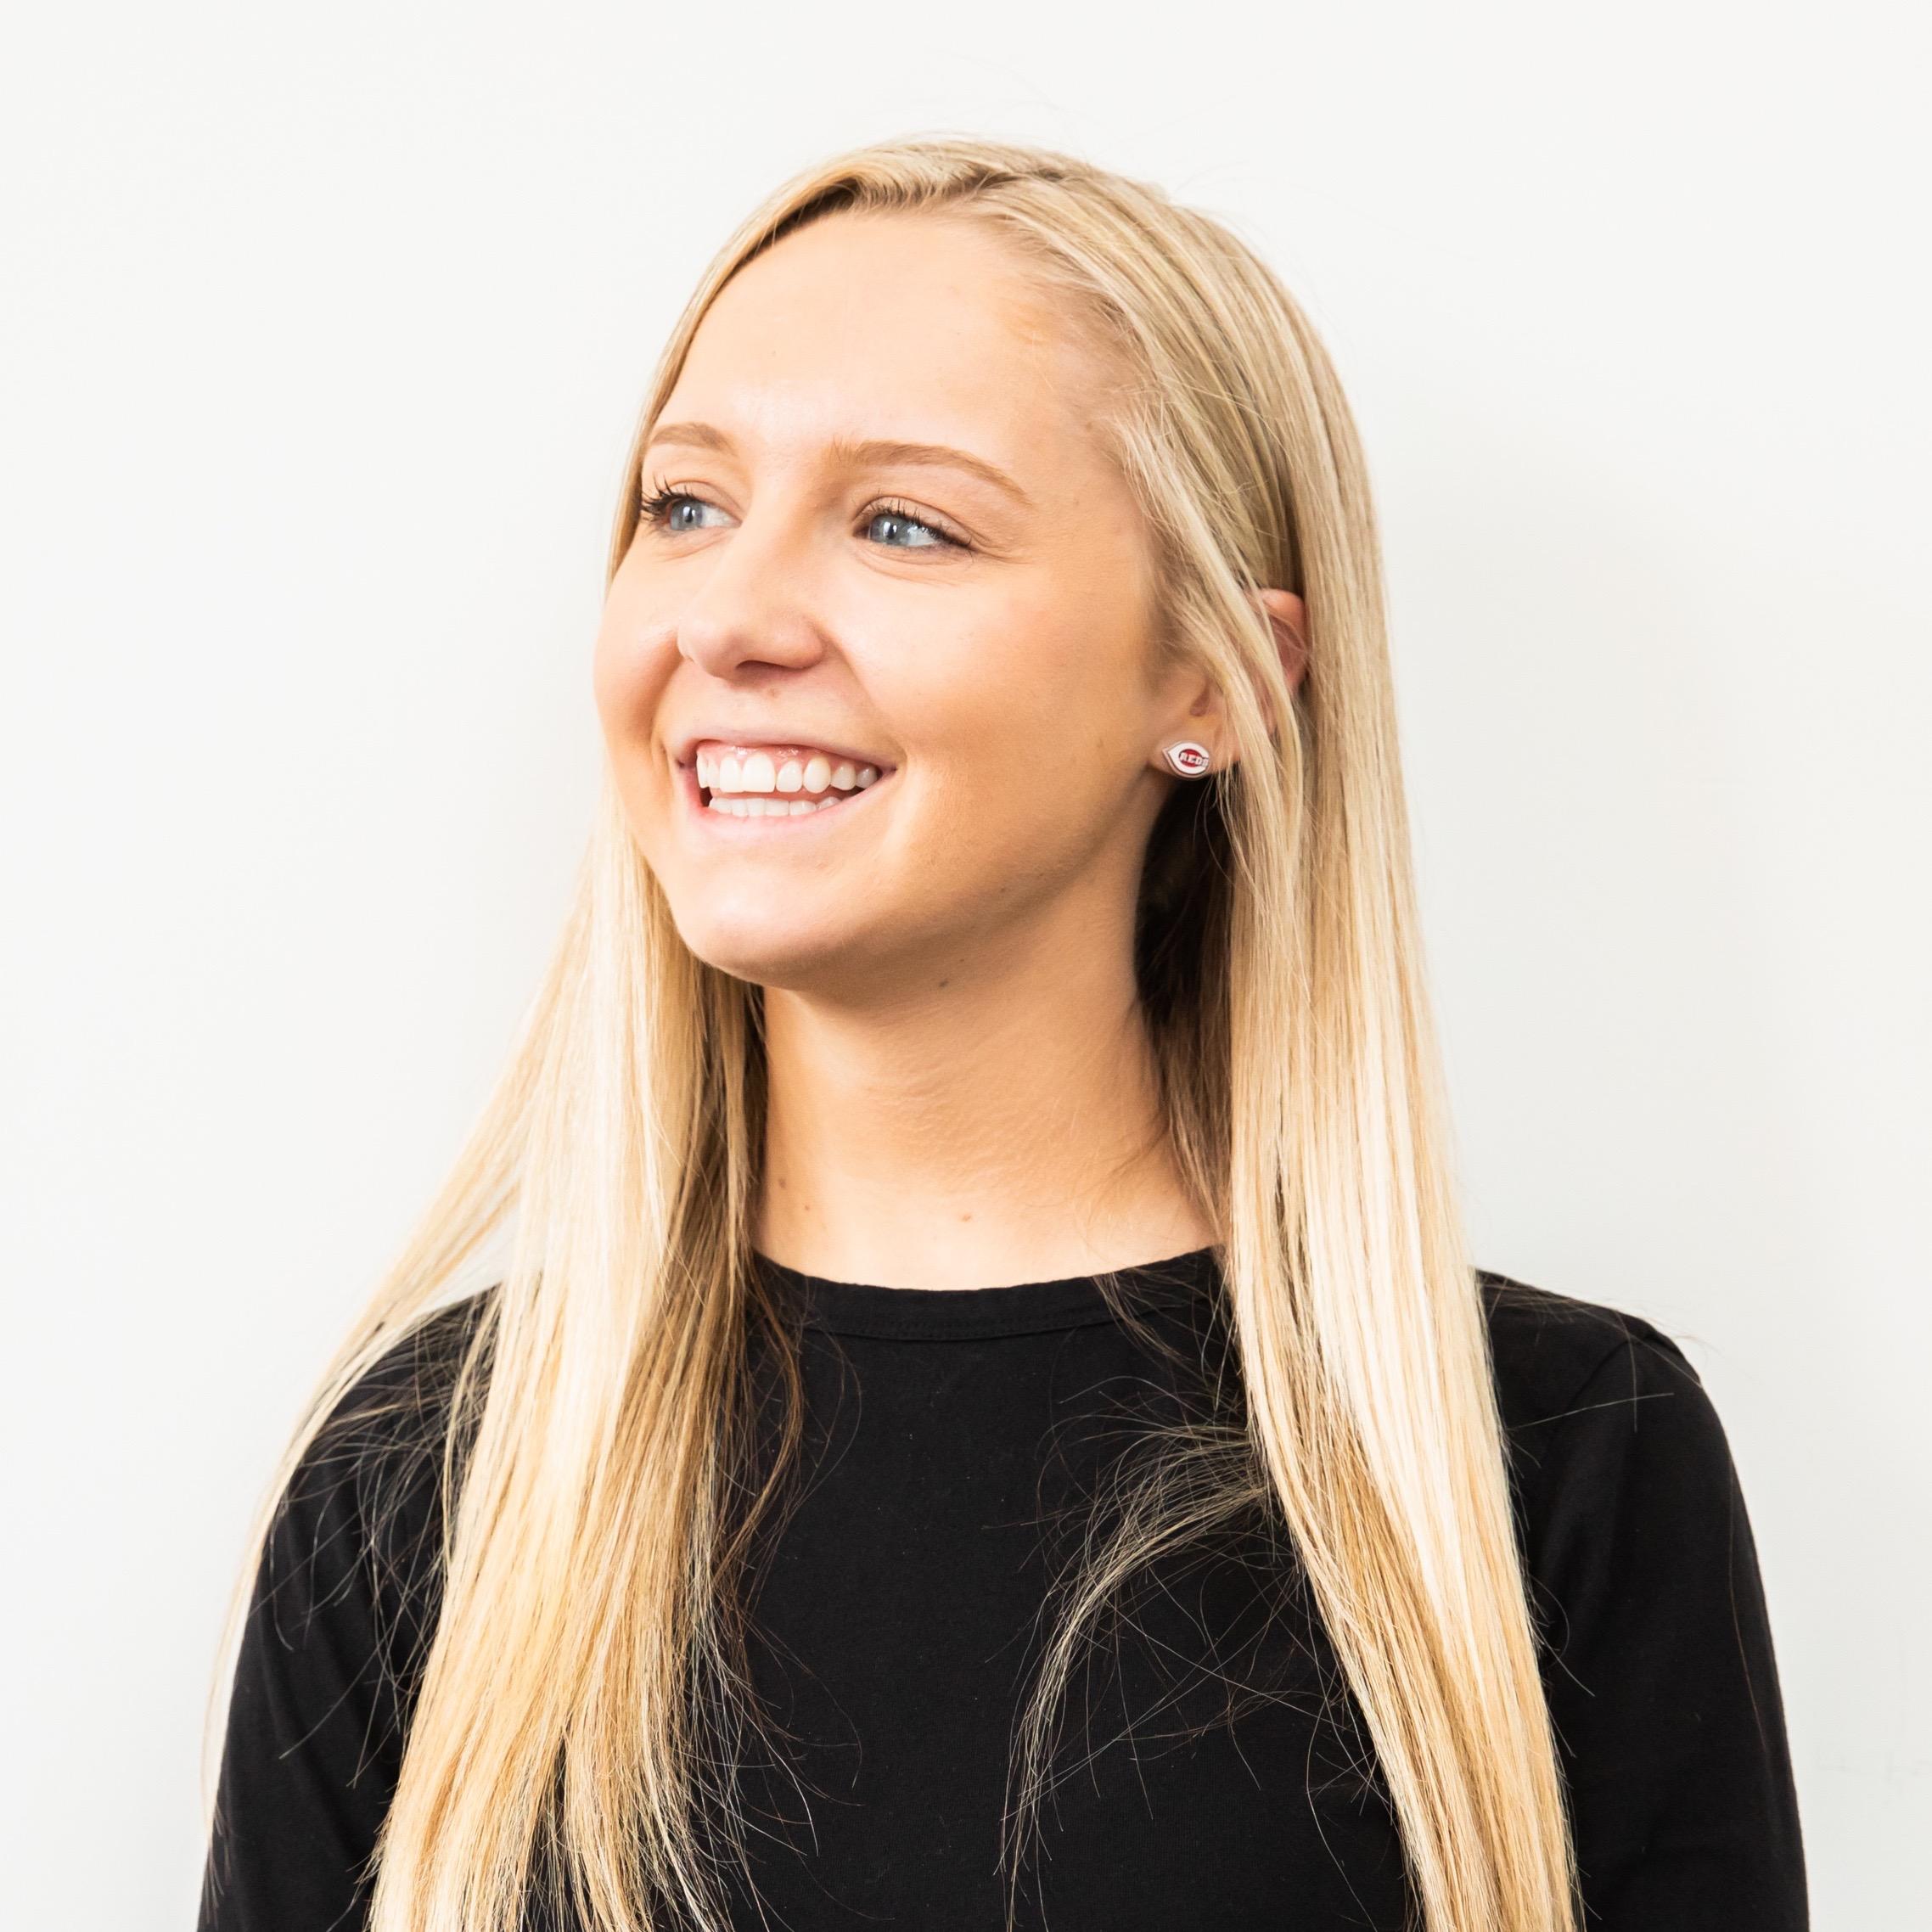 Ashley Riegert